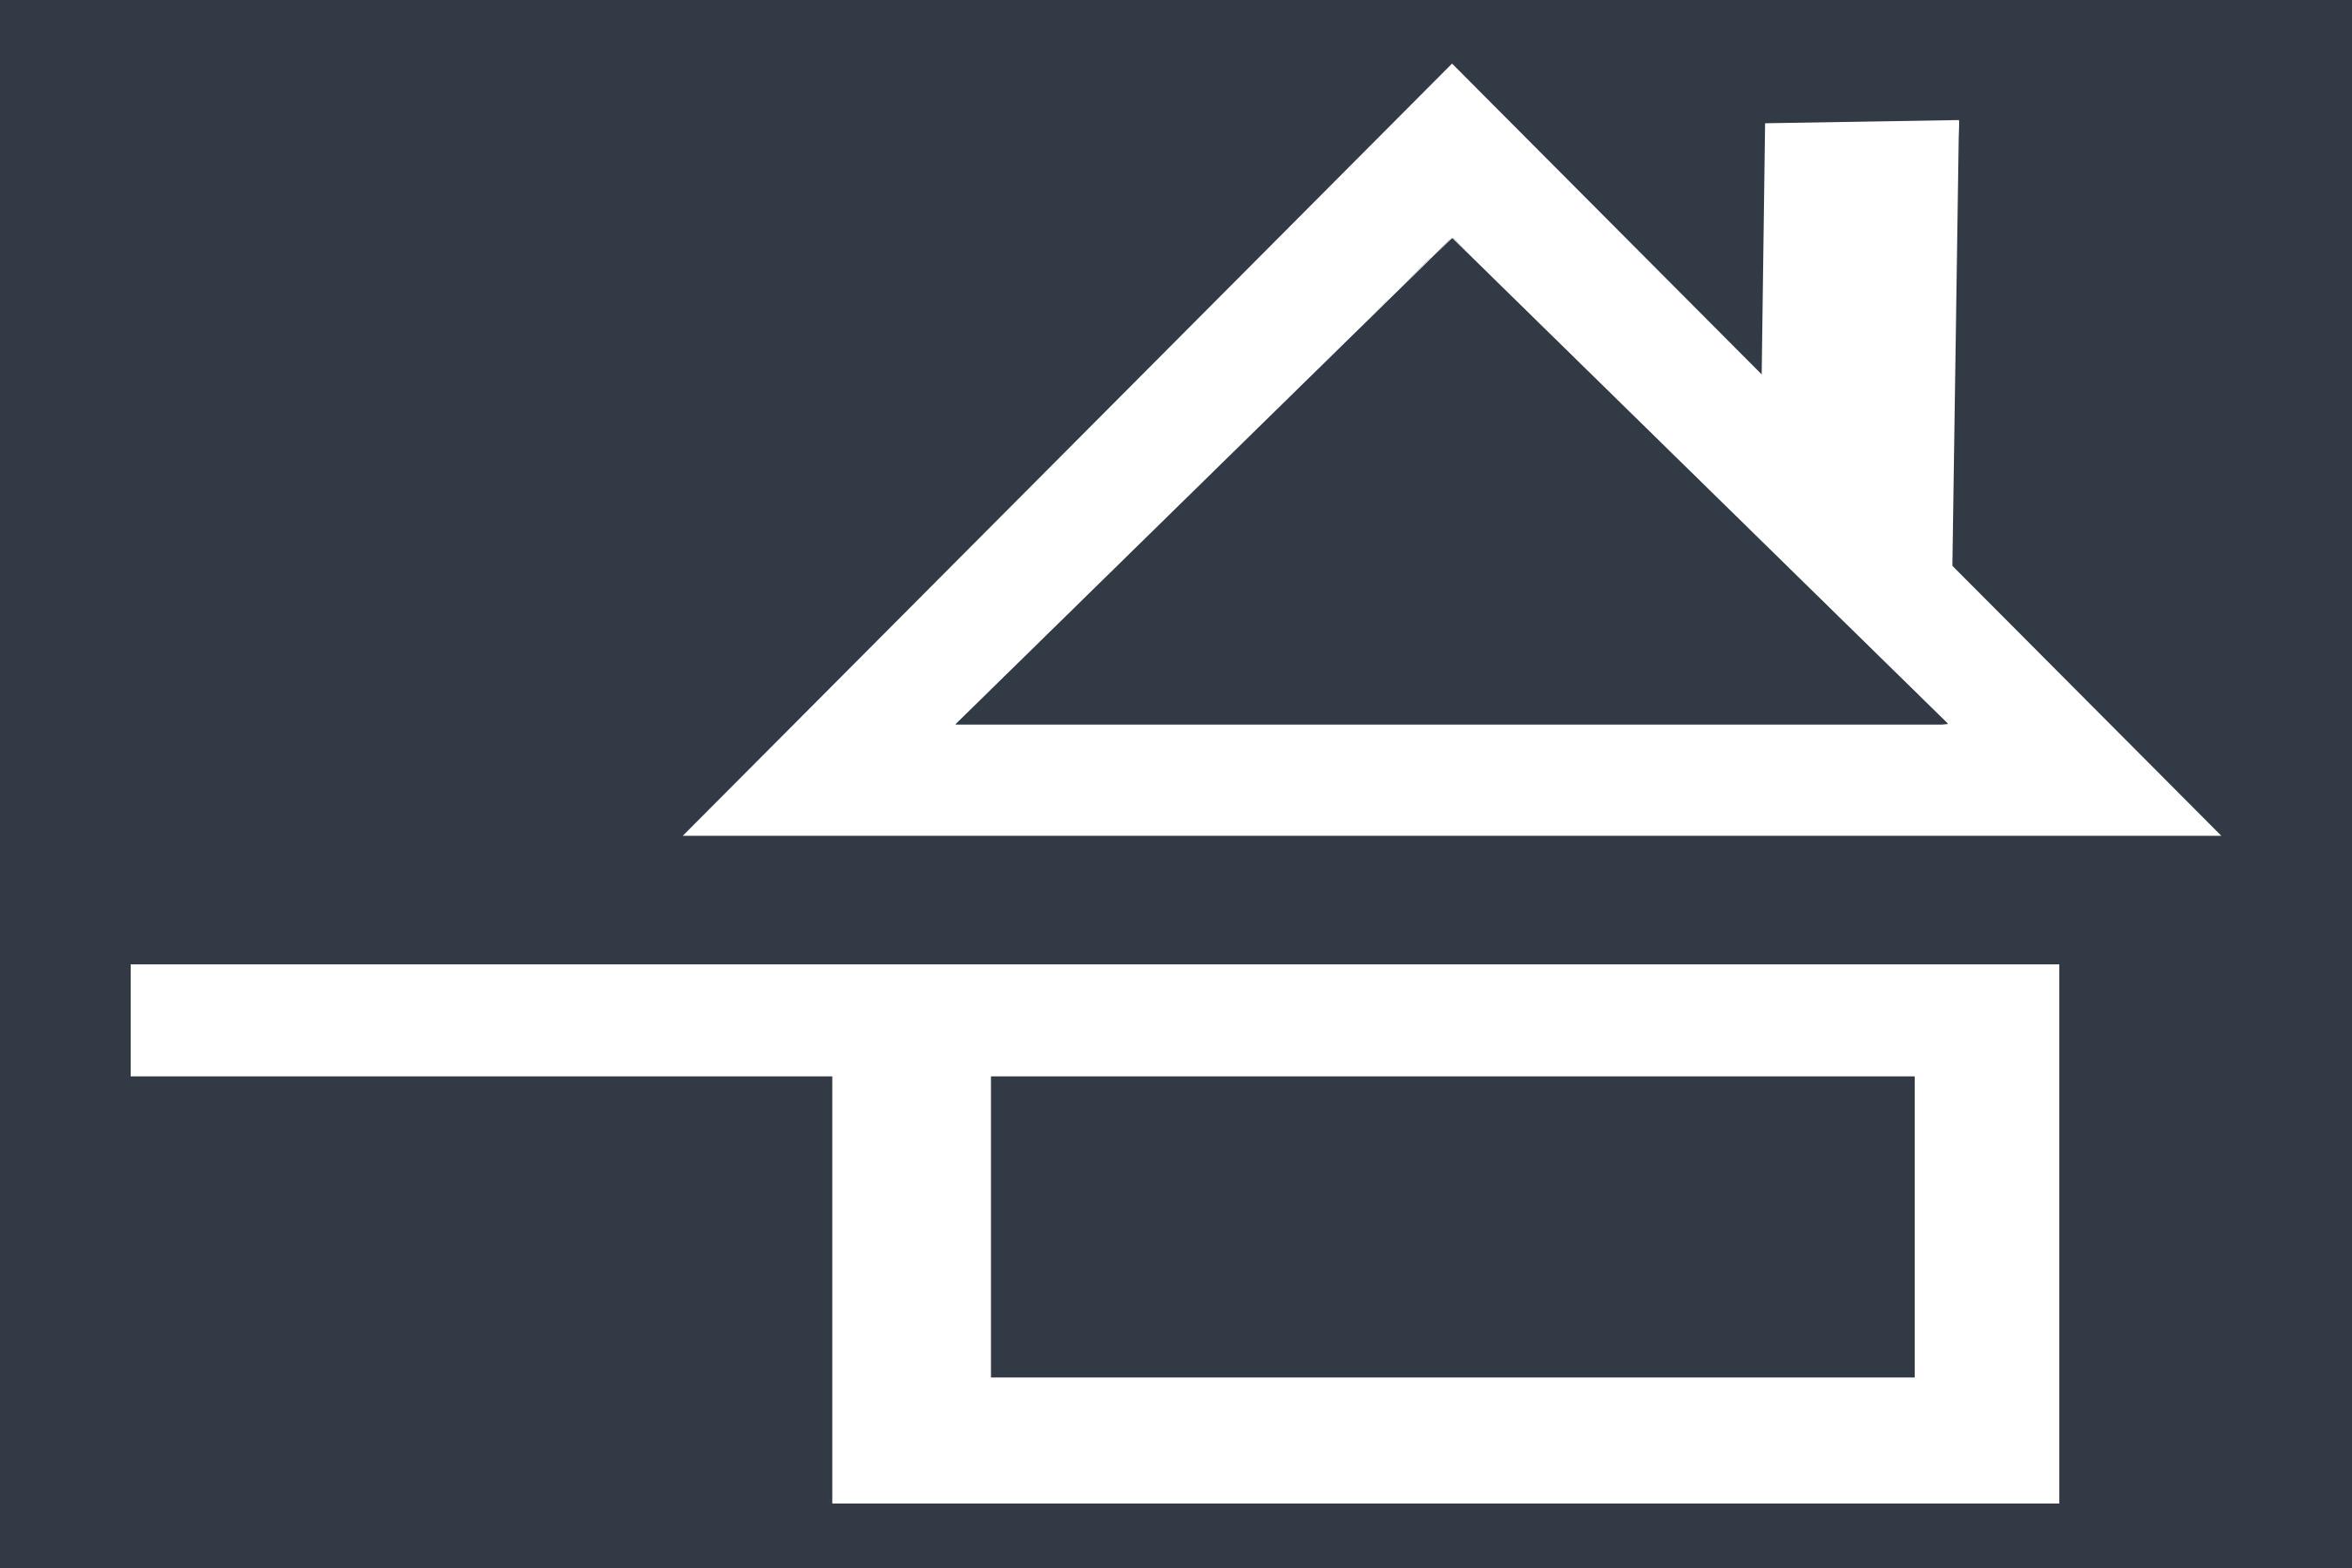 logo fait maison tous les logos. Black Bedroom Furniture Sets. Home Design Ideas